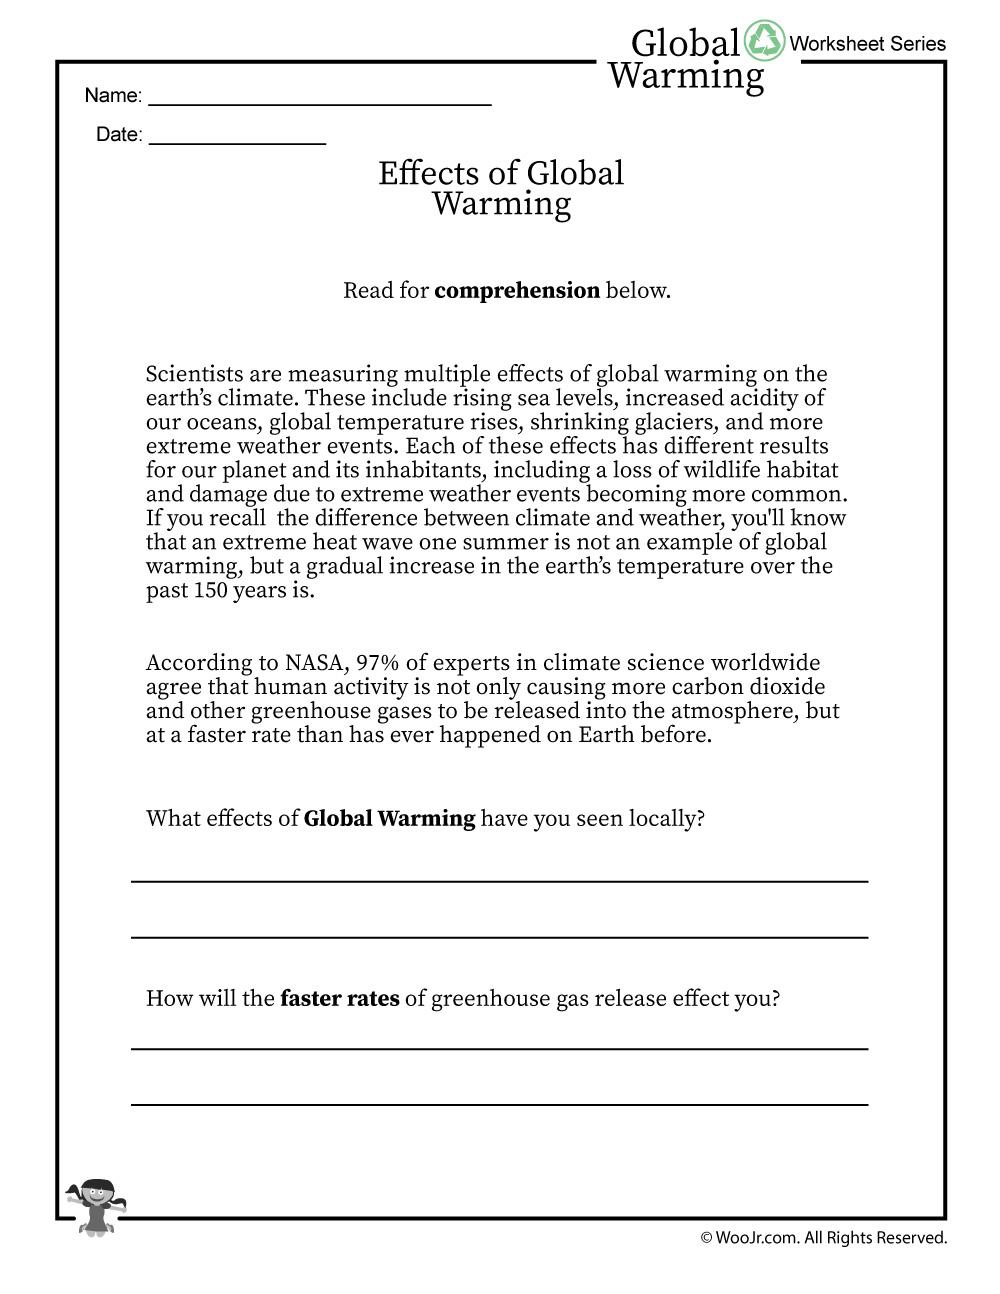 Worksheets Global Warming Worksheet Cheatslist Free